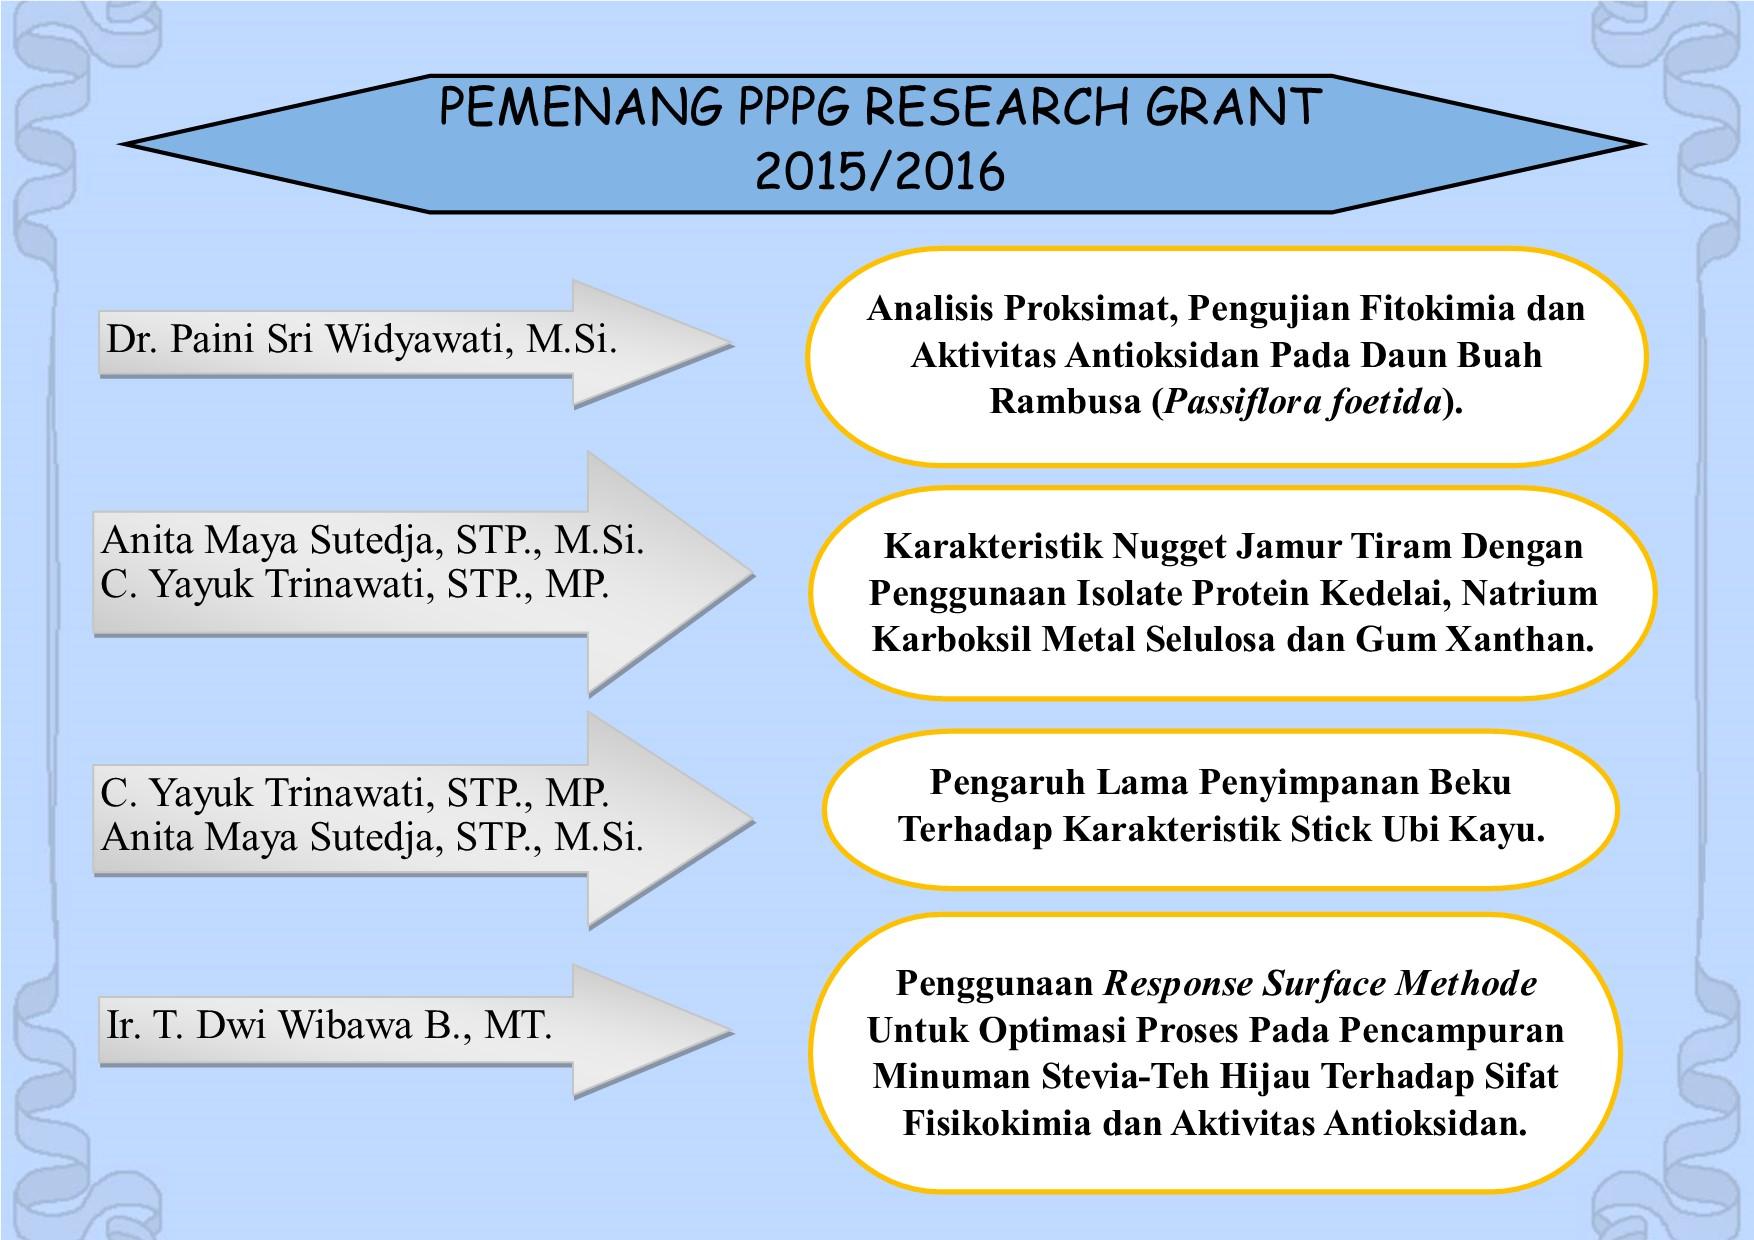 Pemenang PPPG Research Grant 2015/2016